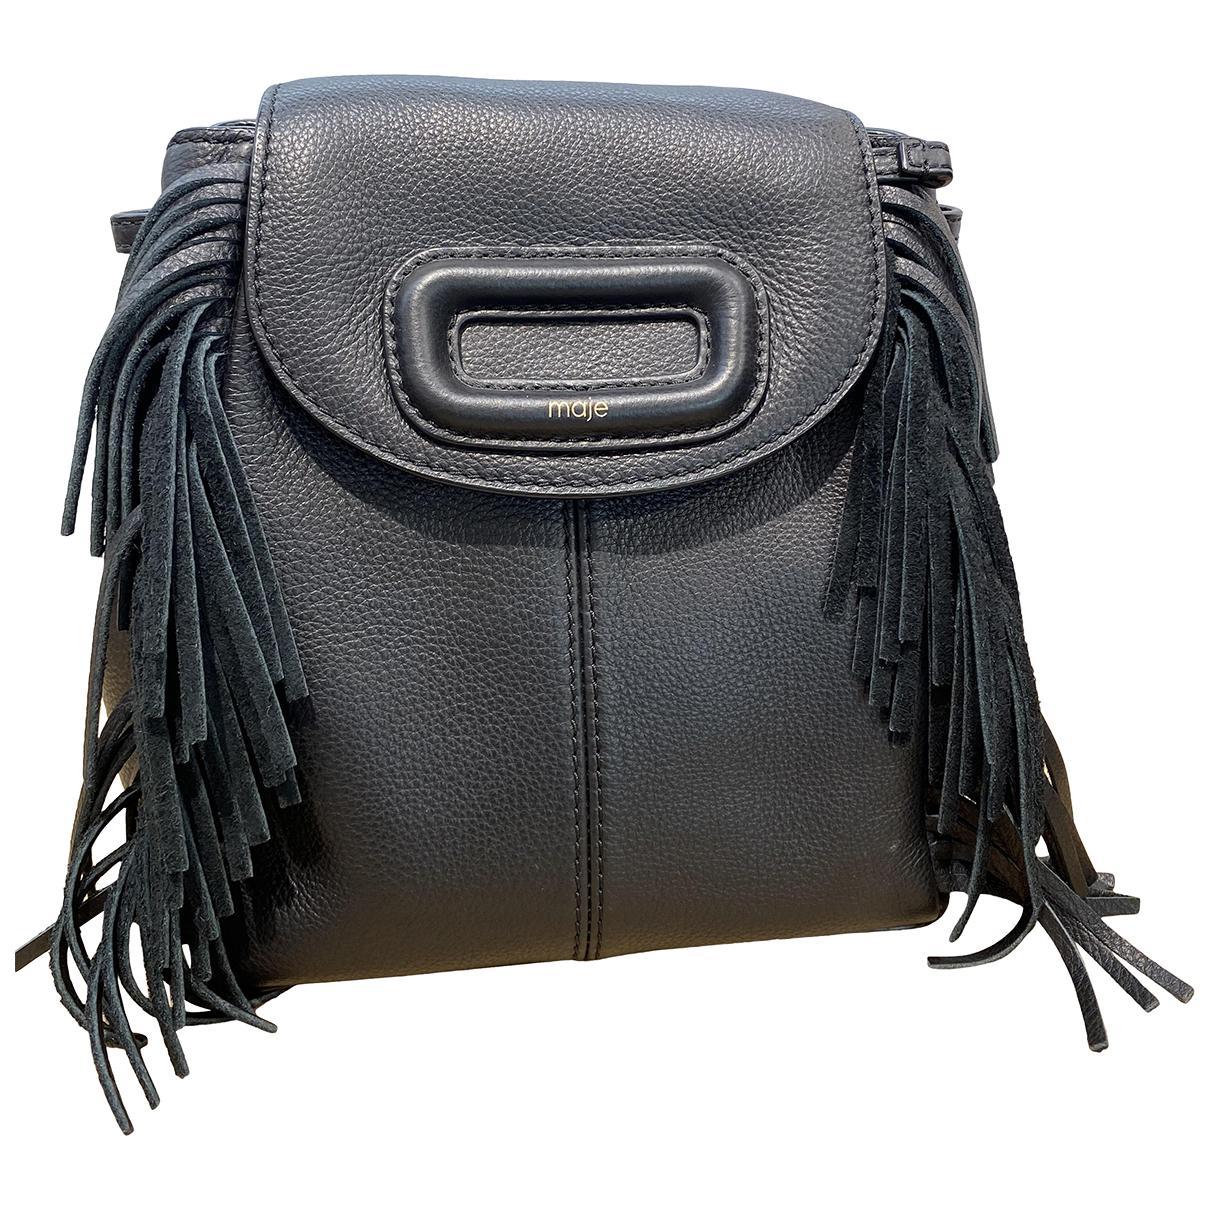 Maje - Sac a dos Sac M pour femme en cuir - noir